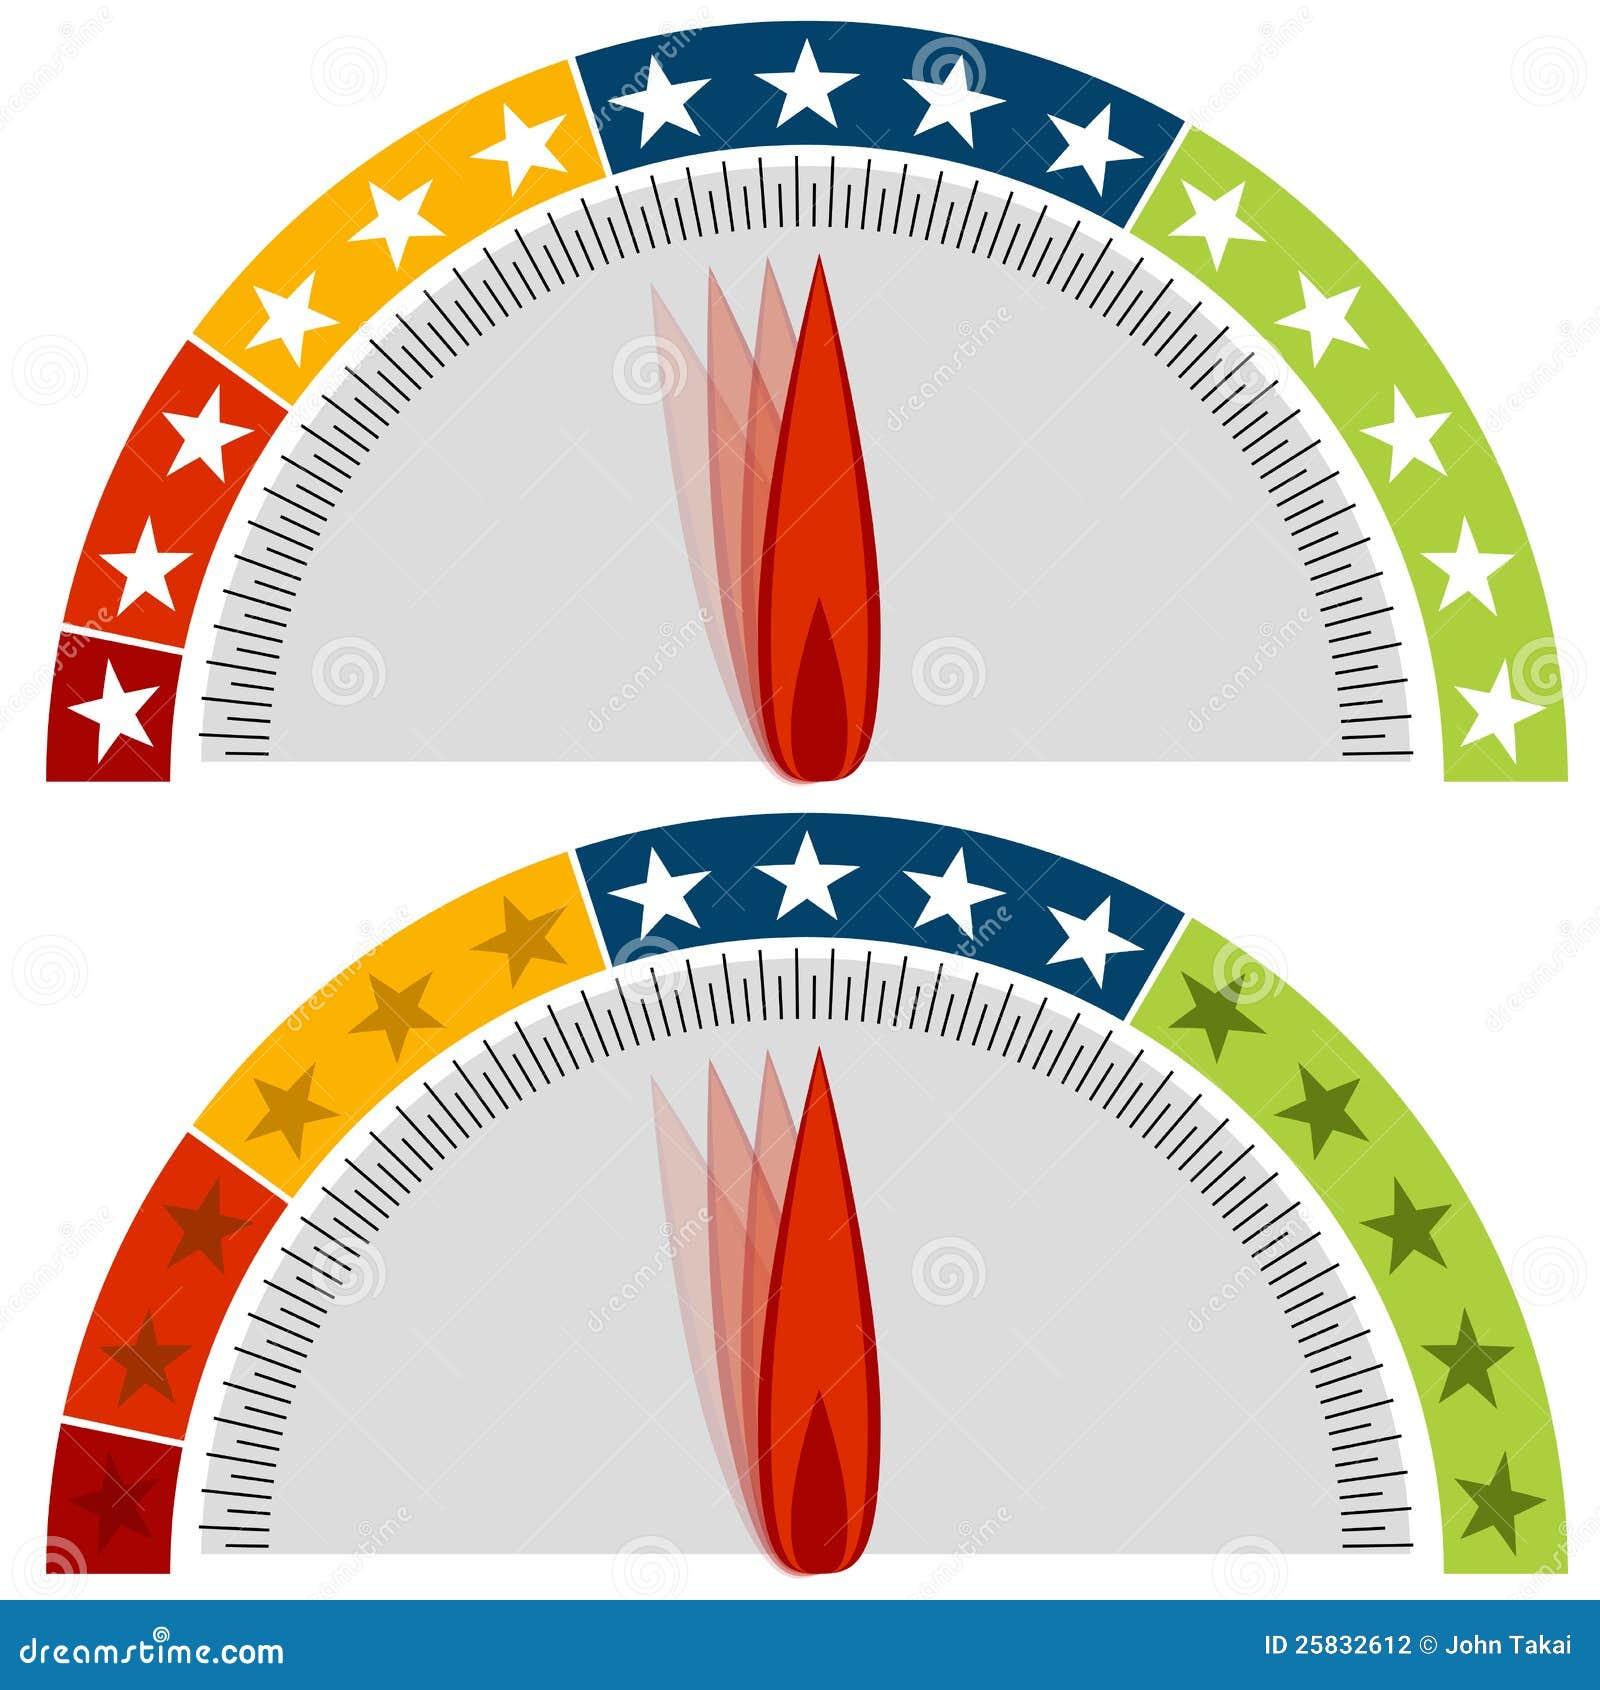 星形评级测量仪